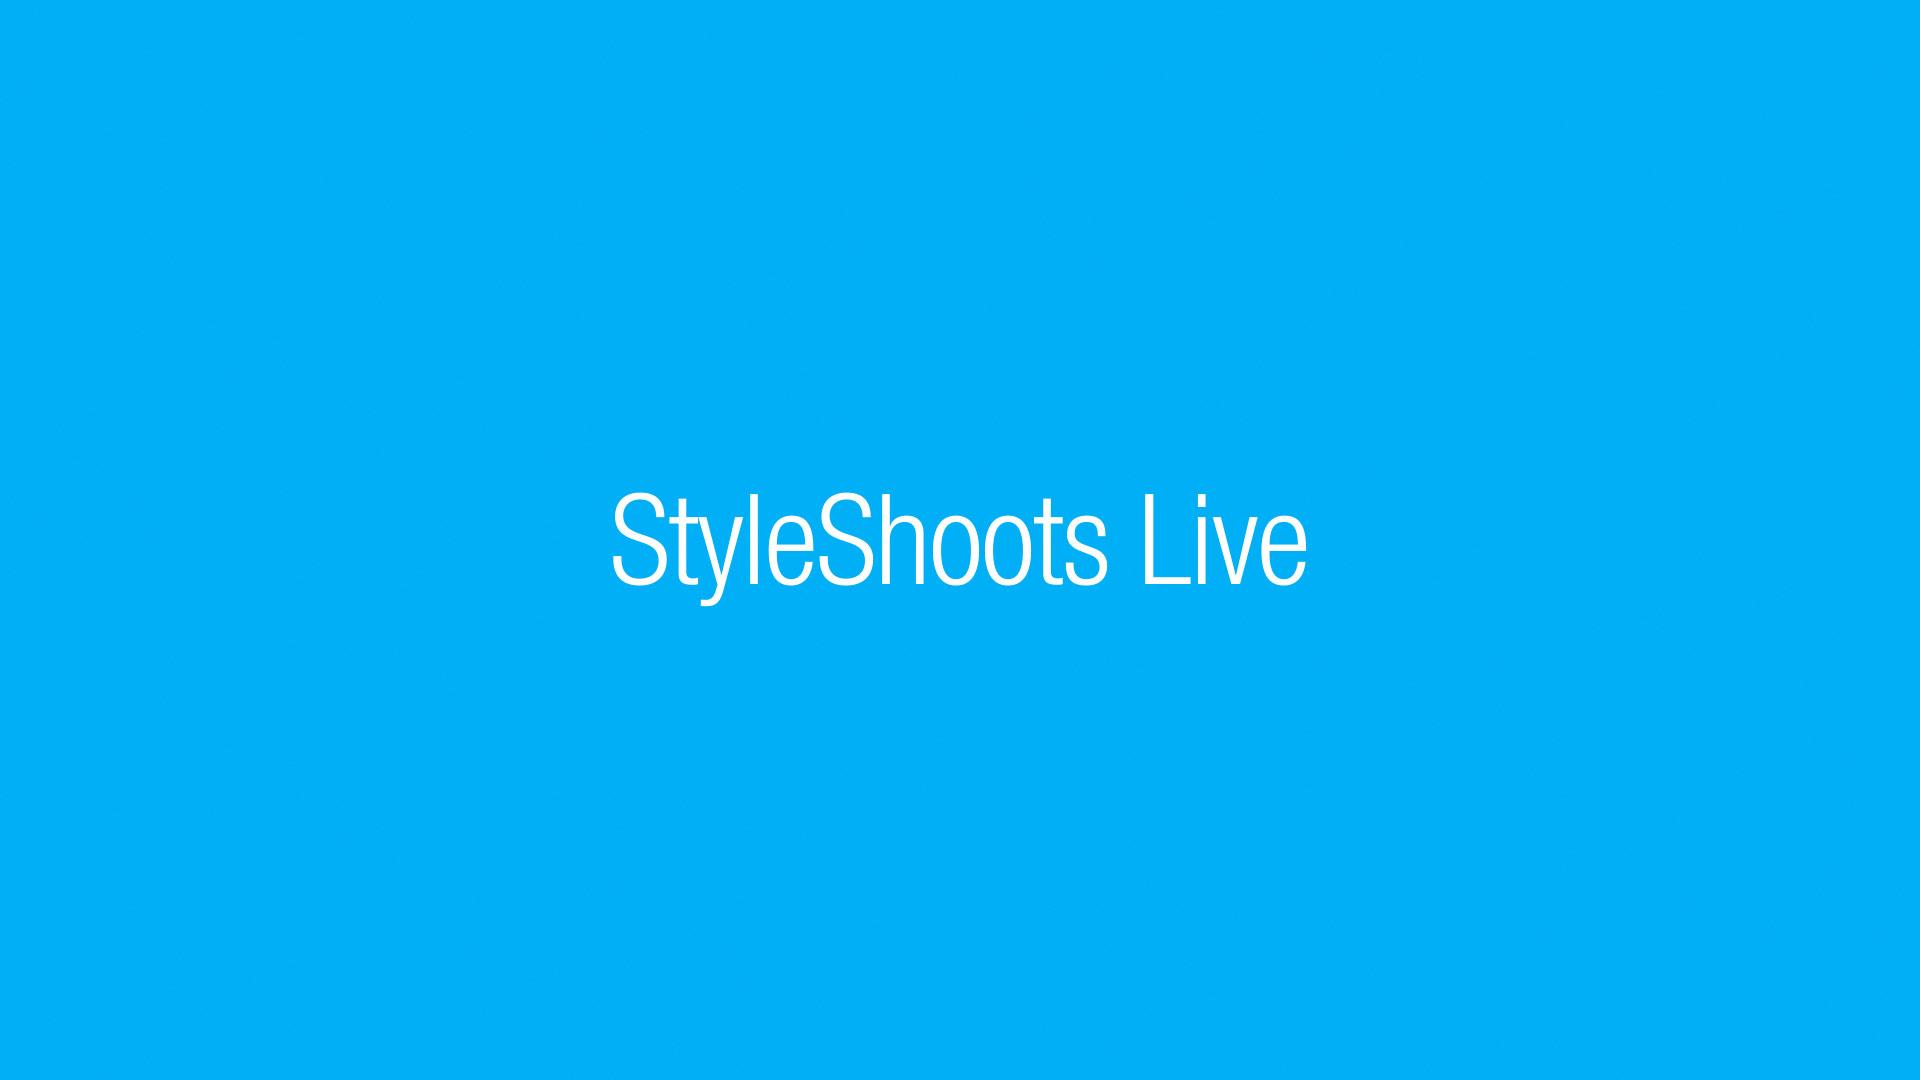 blokstudio_StyleShoots_Live_gallery_007